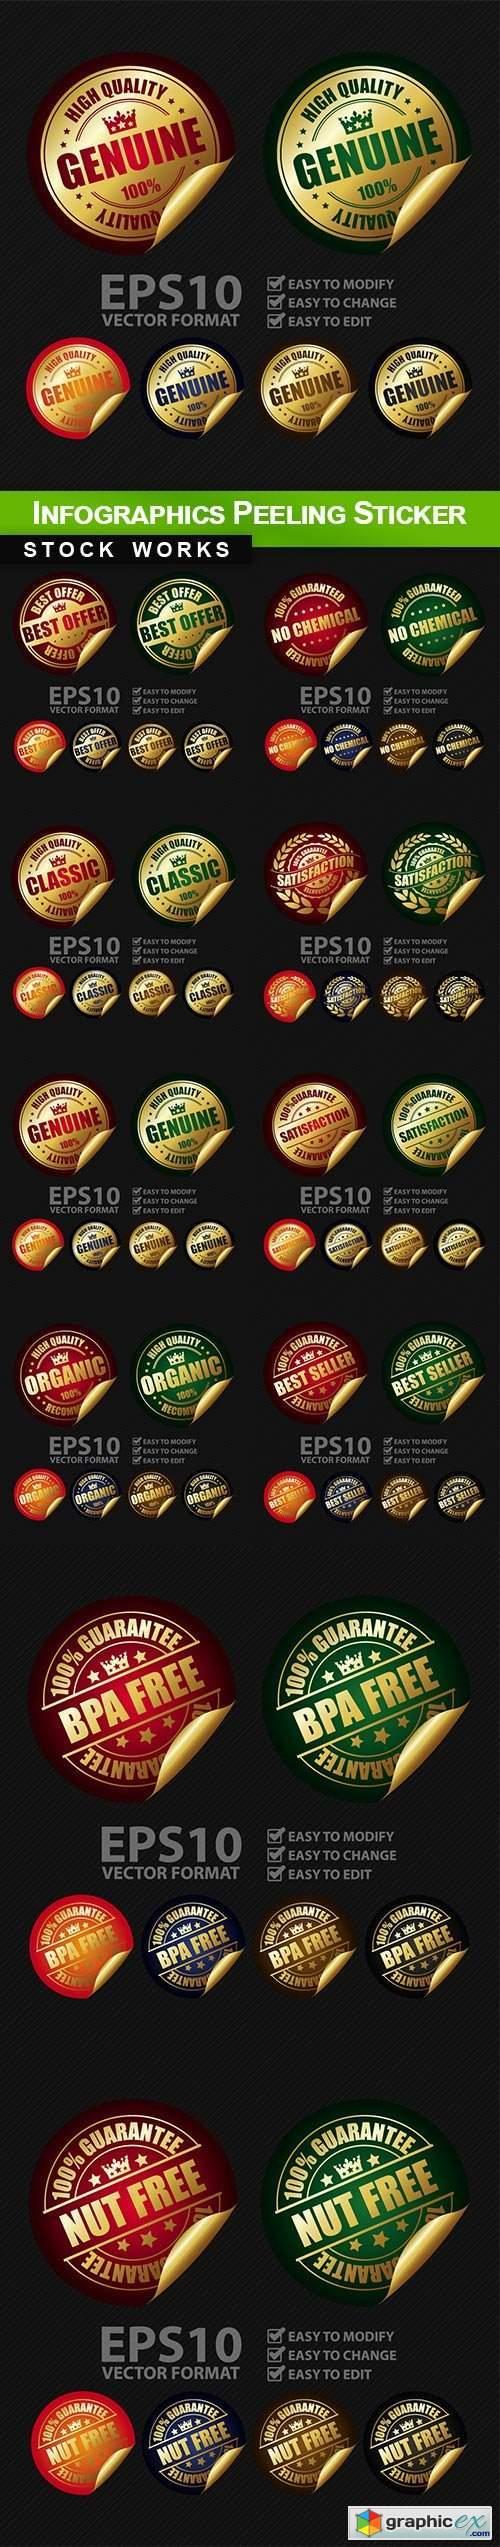 Infographics Peeling Sticker 10 EPS